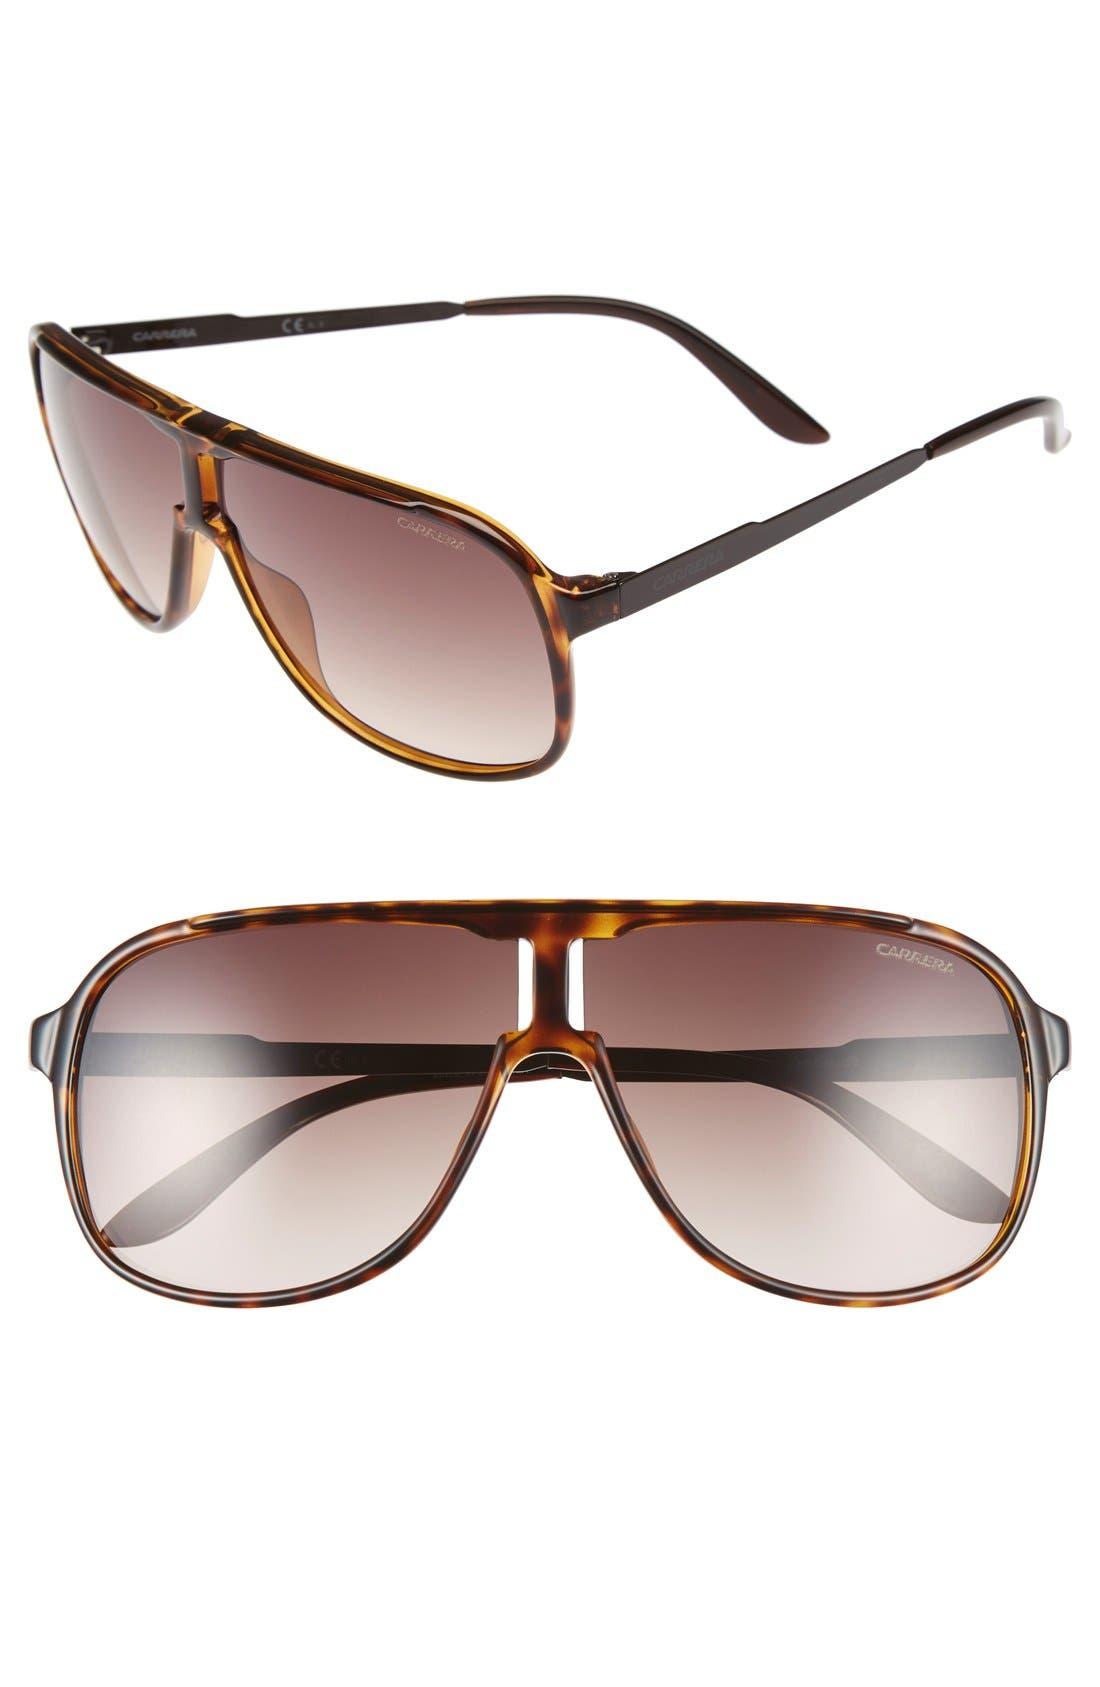 Carrera Eyewear 'Safari' 62mm Aviator Sunglasses